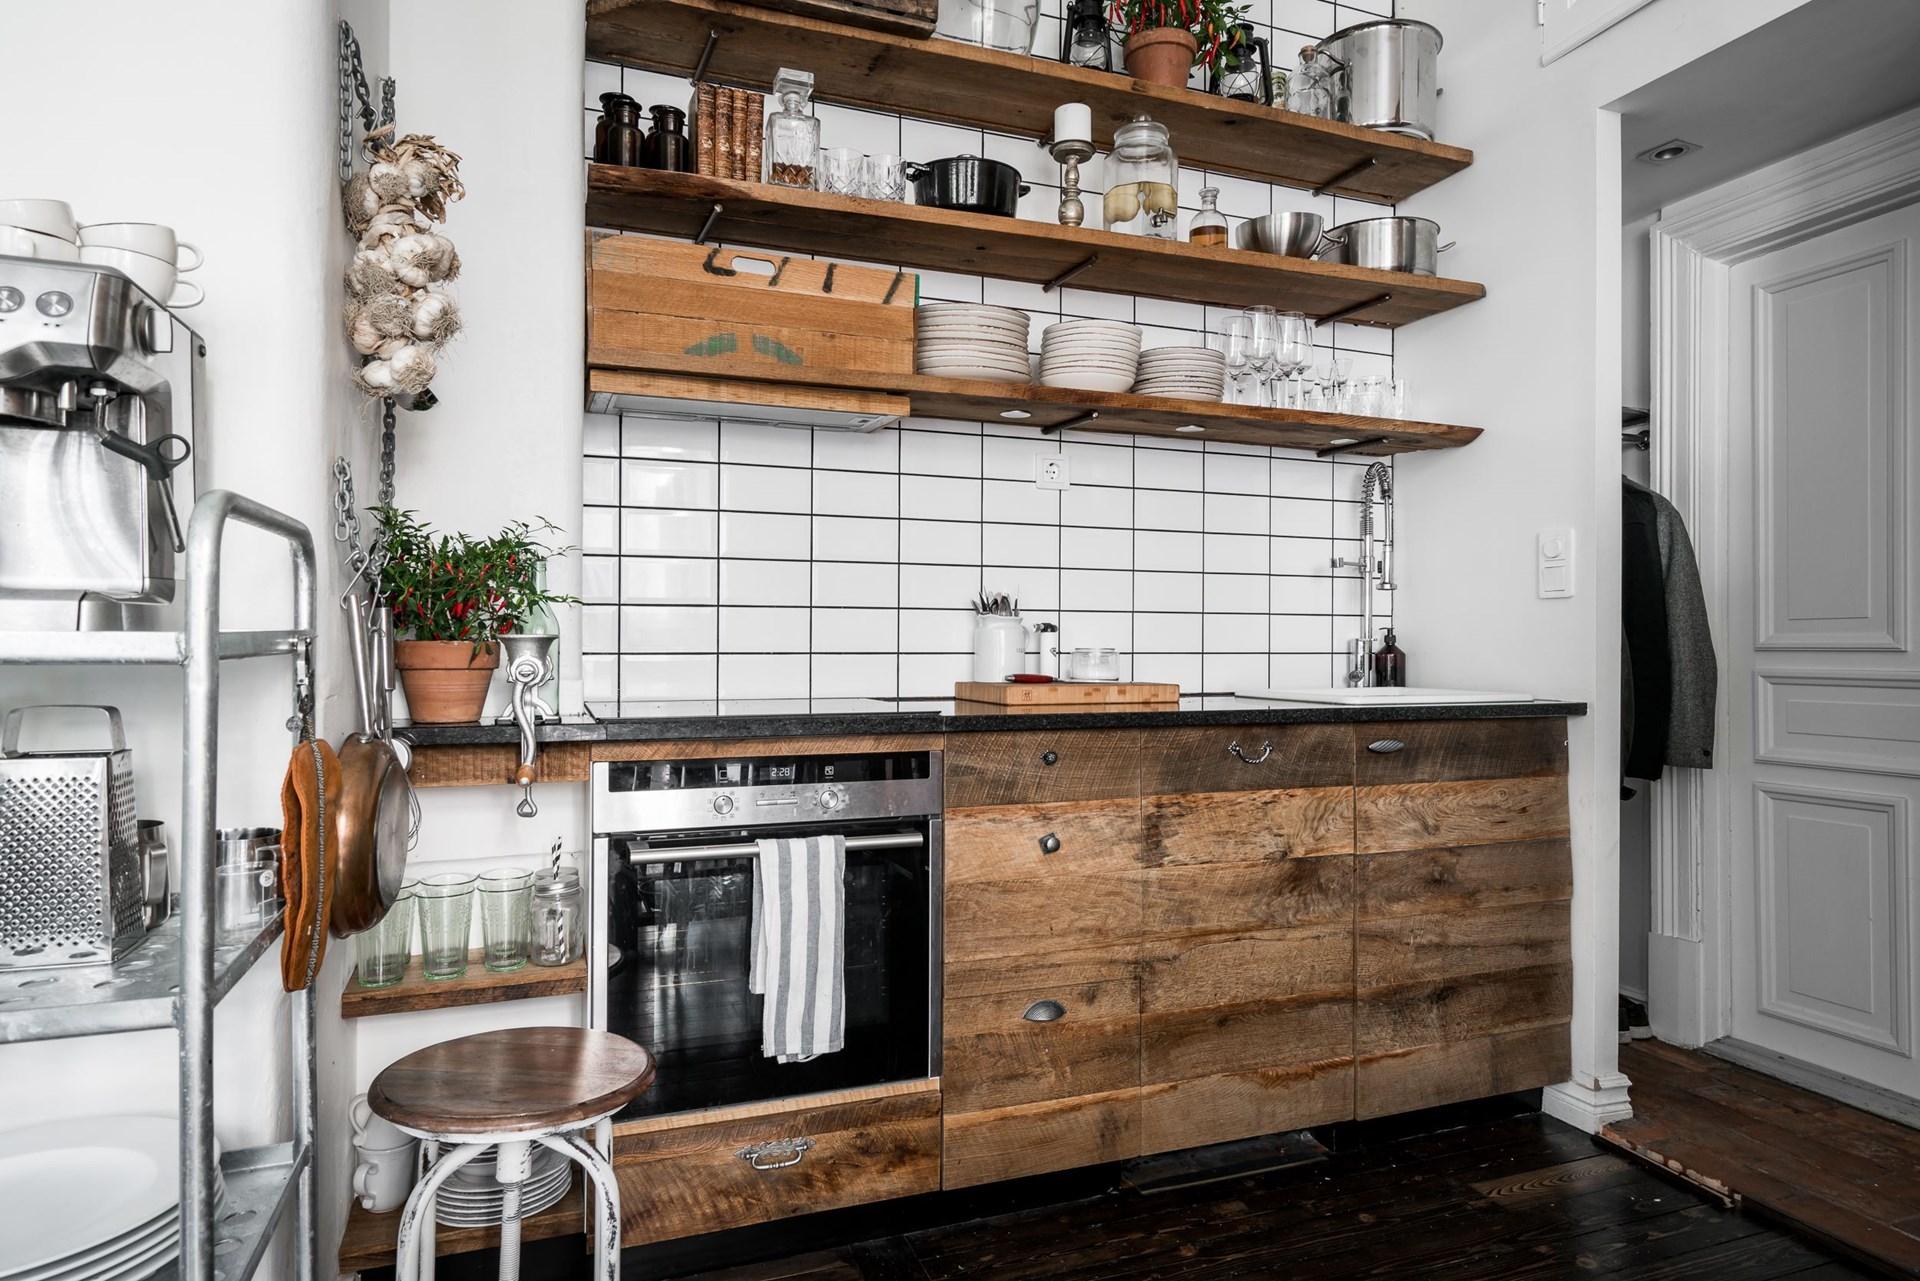 кухонная мебель деревянные фасады полки посуда встроенная вытяжка варочная панель духовка плитка кабанчик